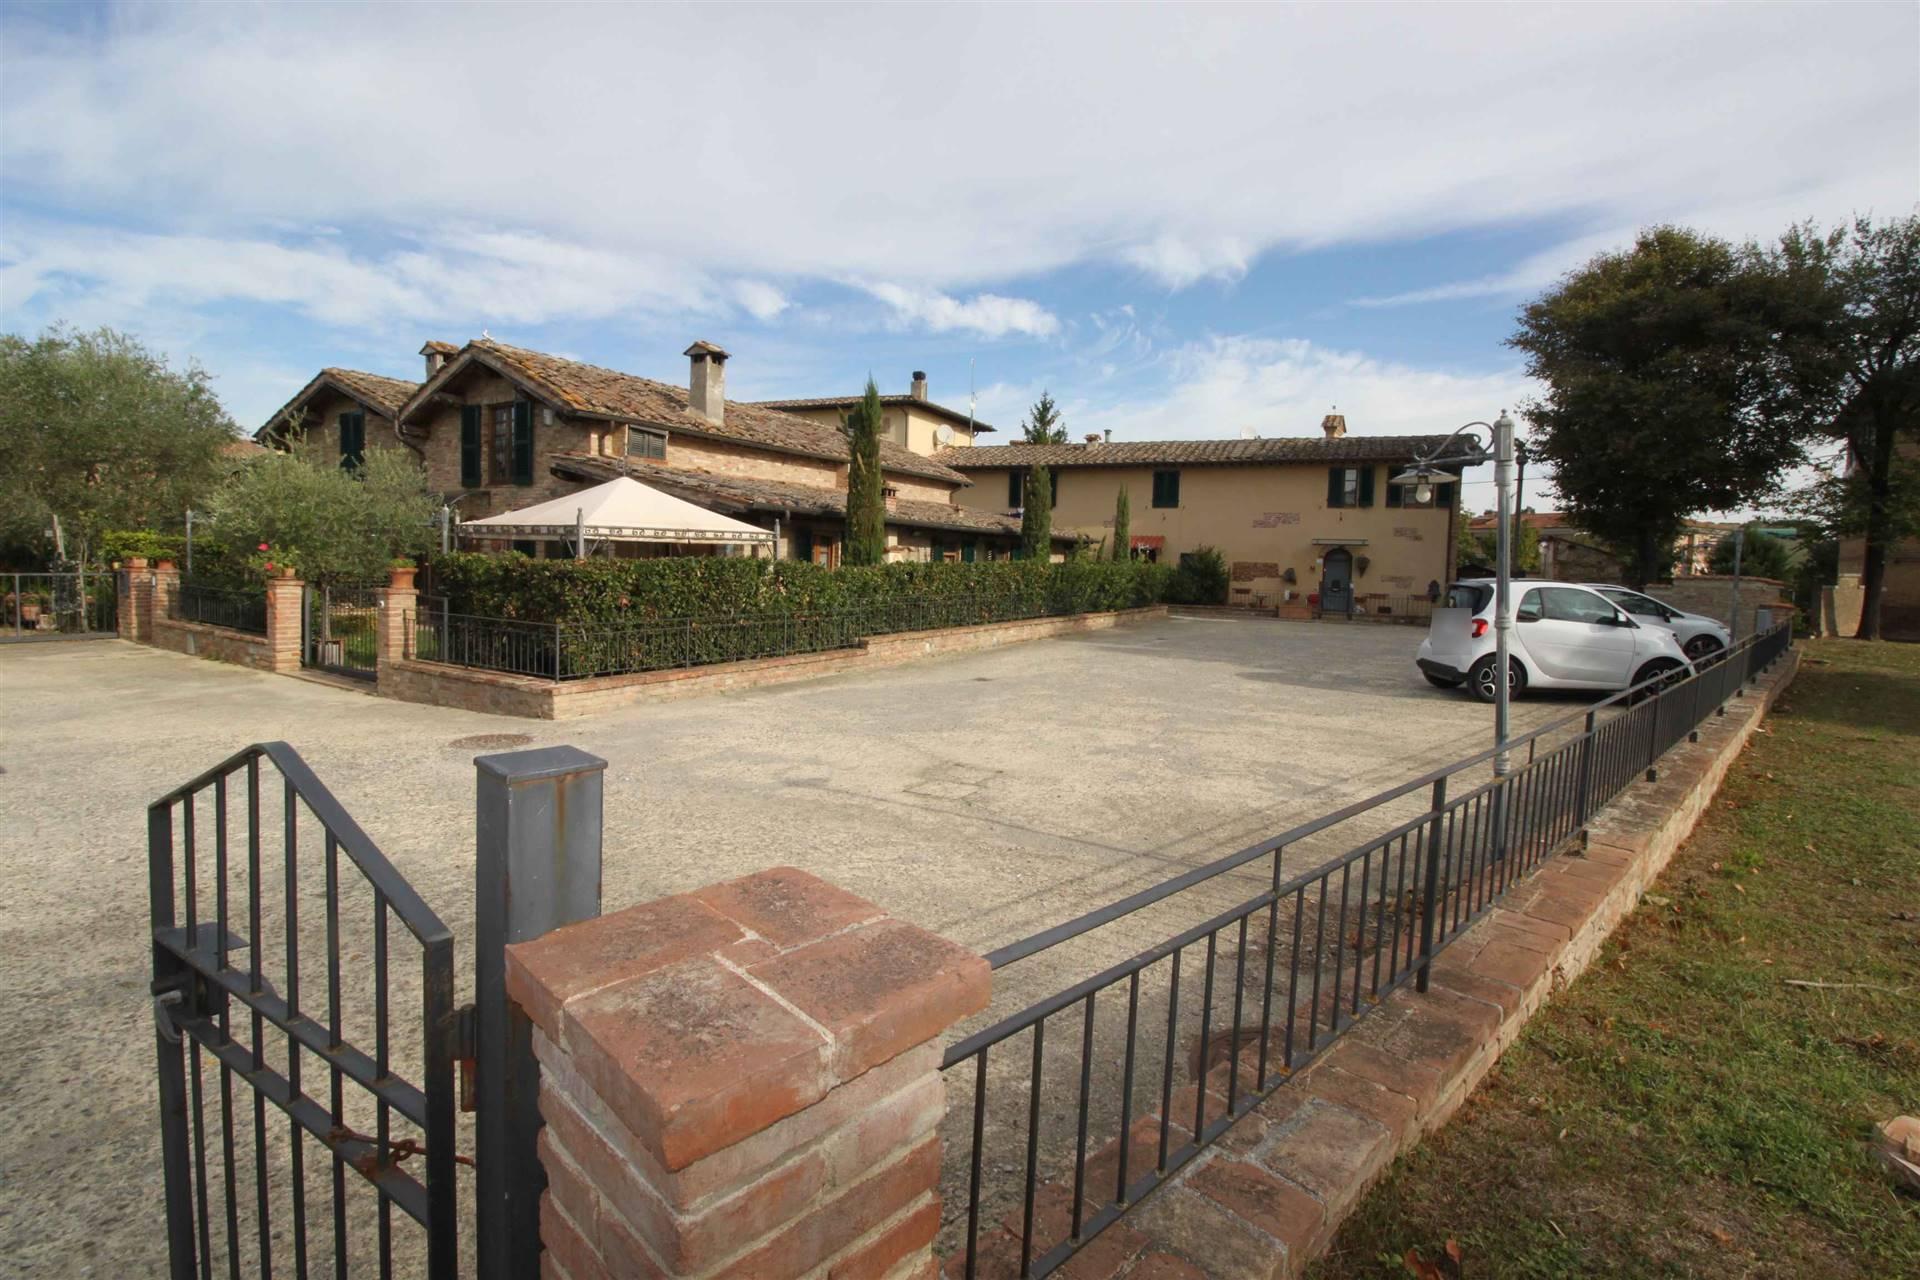 ISOLA D'ARBIA (SI) VIA DELLA MERCANZIA 47 Non distante da Siena centro appartamento indipendente in caratteristico borgo rustico del paese tutto completamente e finemente ristrutturato.